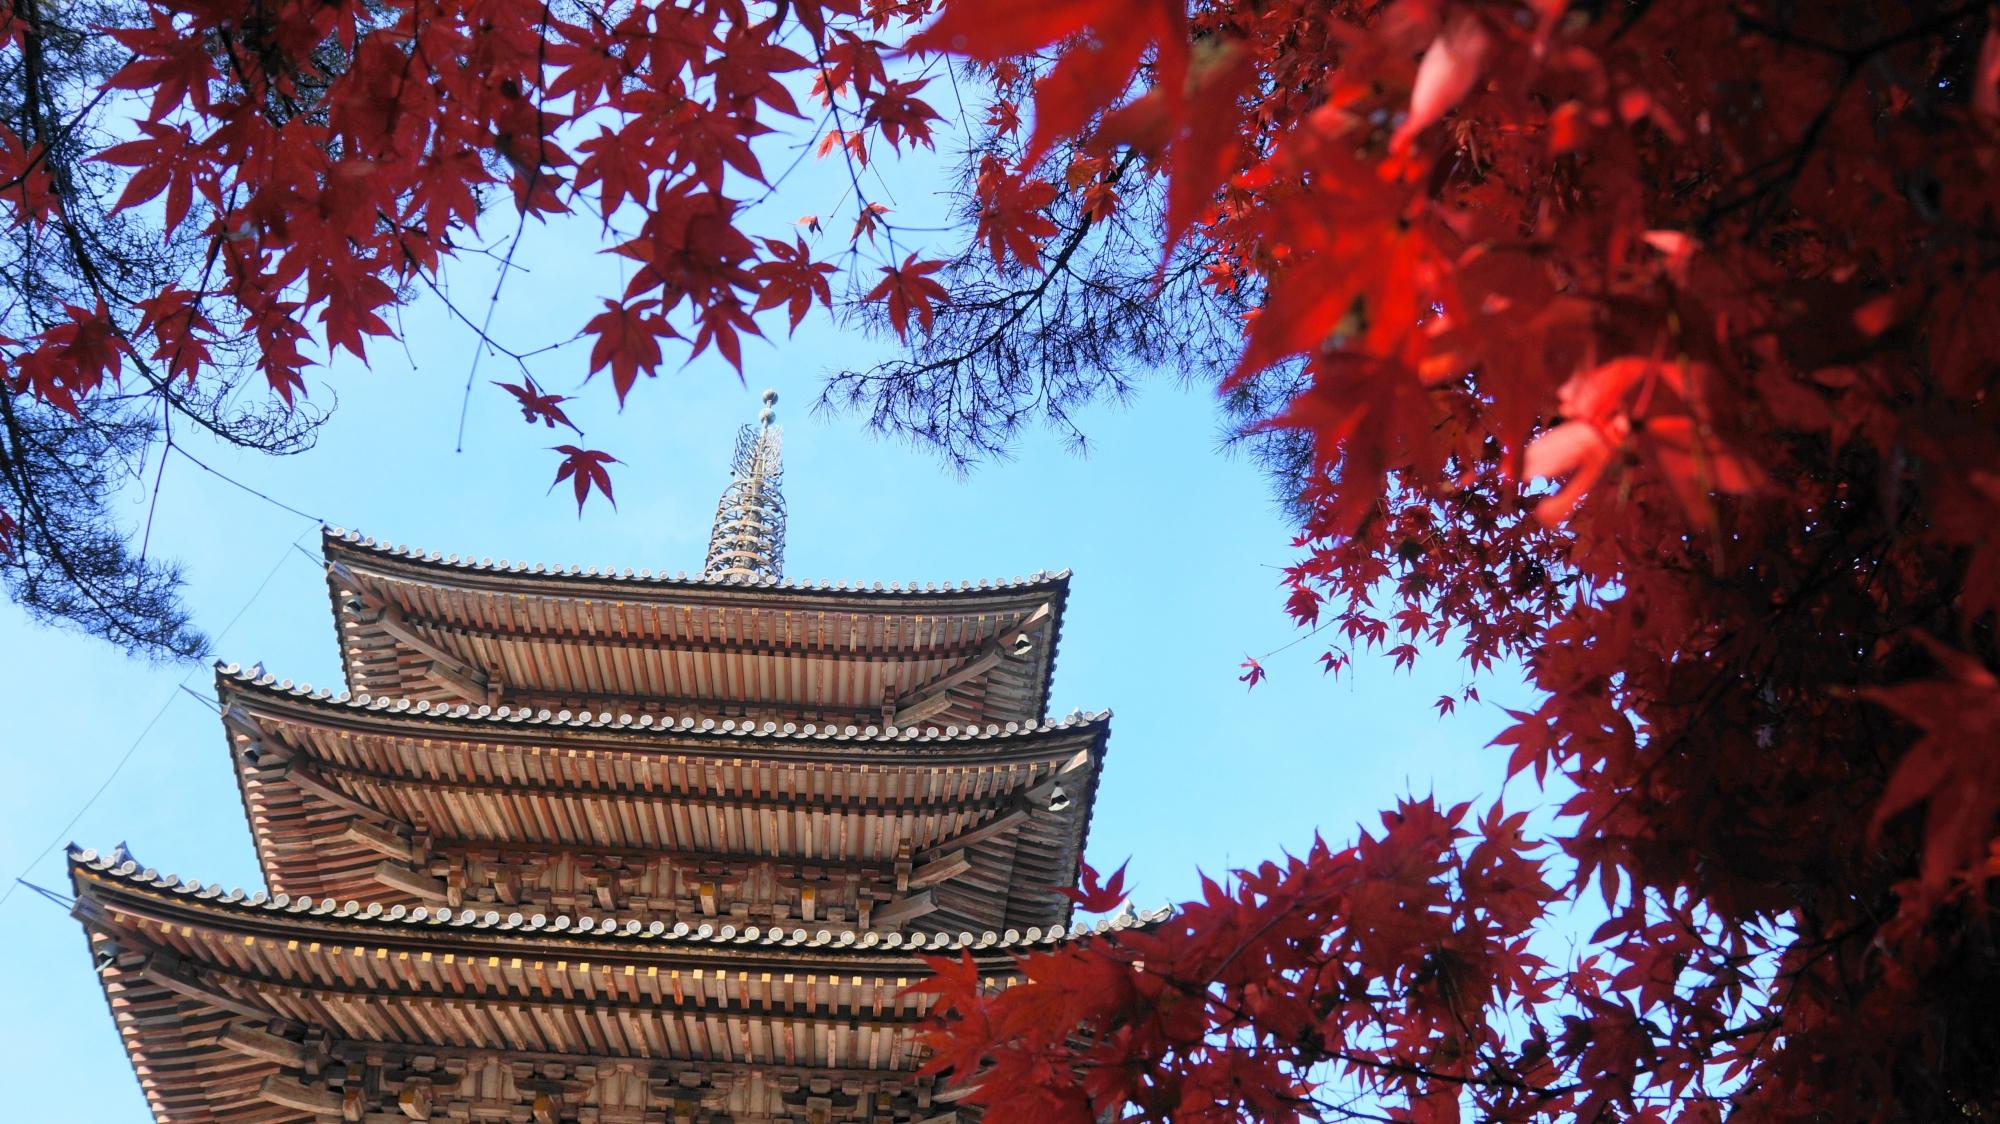 五重塔をつつみこむ真っ赤な紅葉